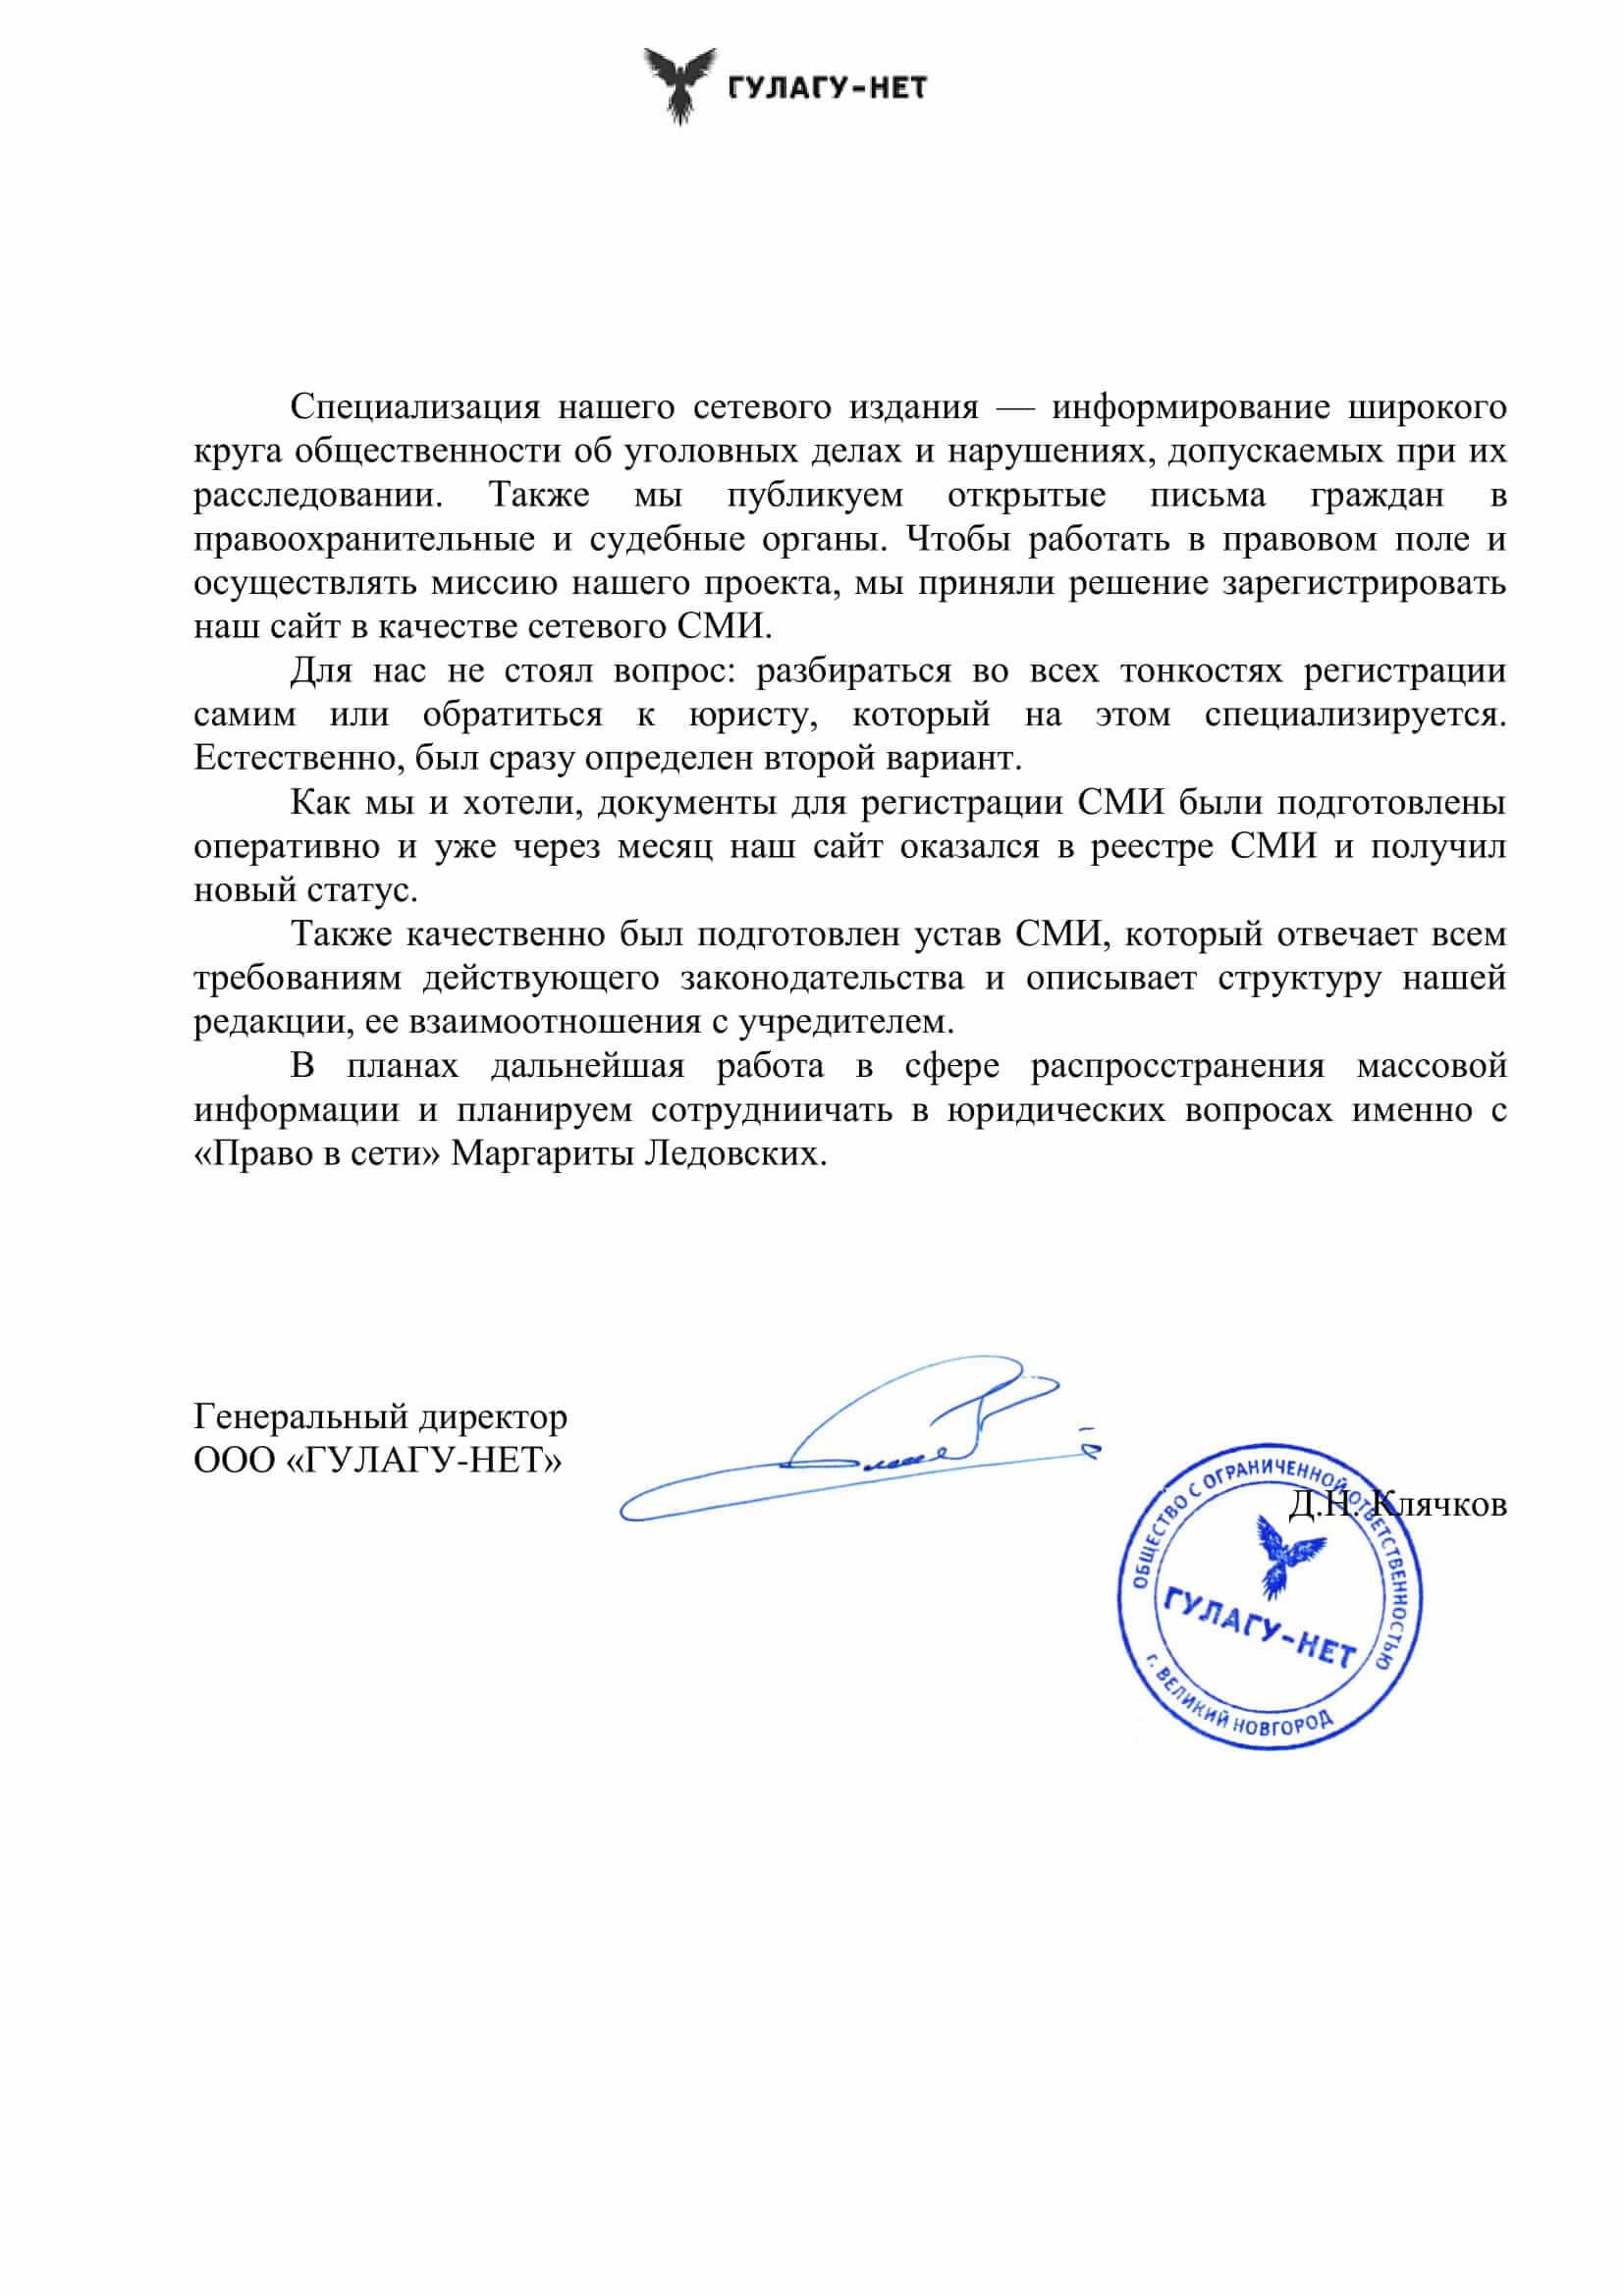 отзыв о регистрации СМИ Гулагу-нет